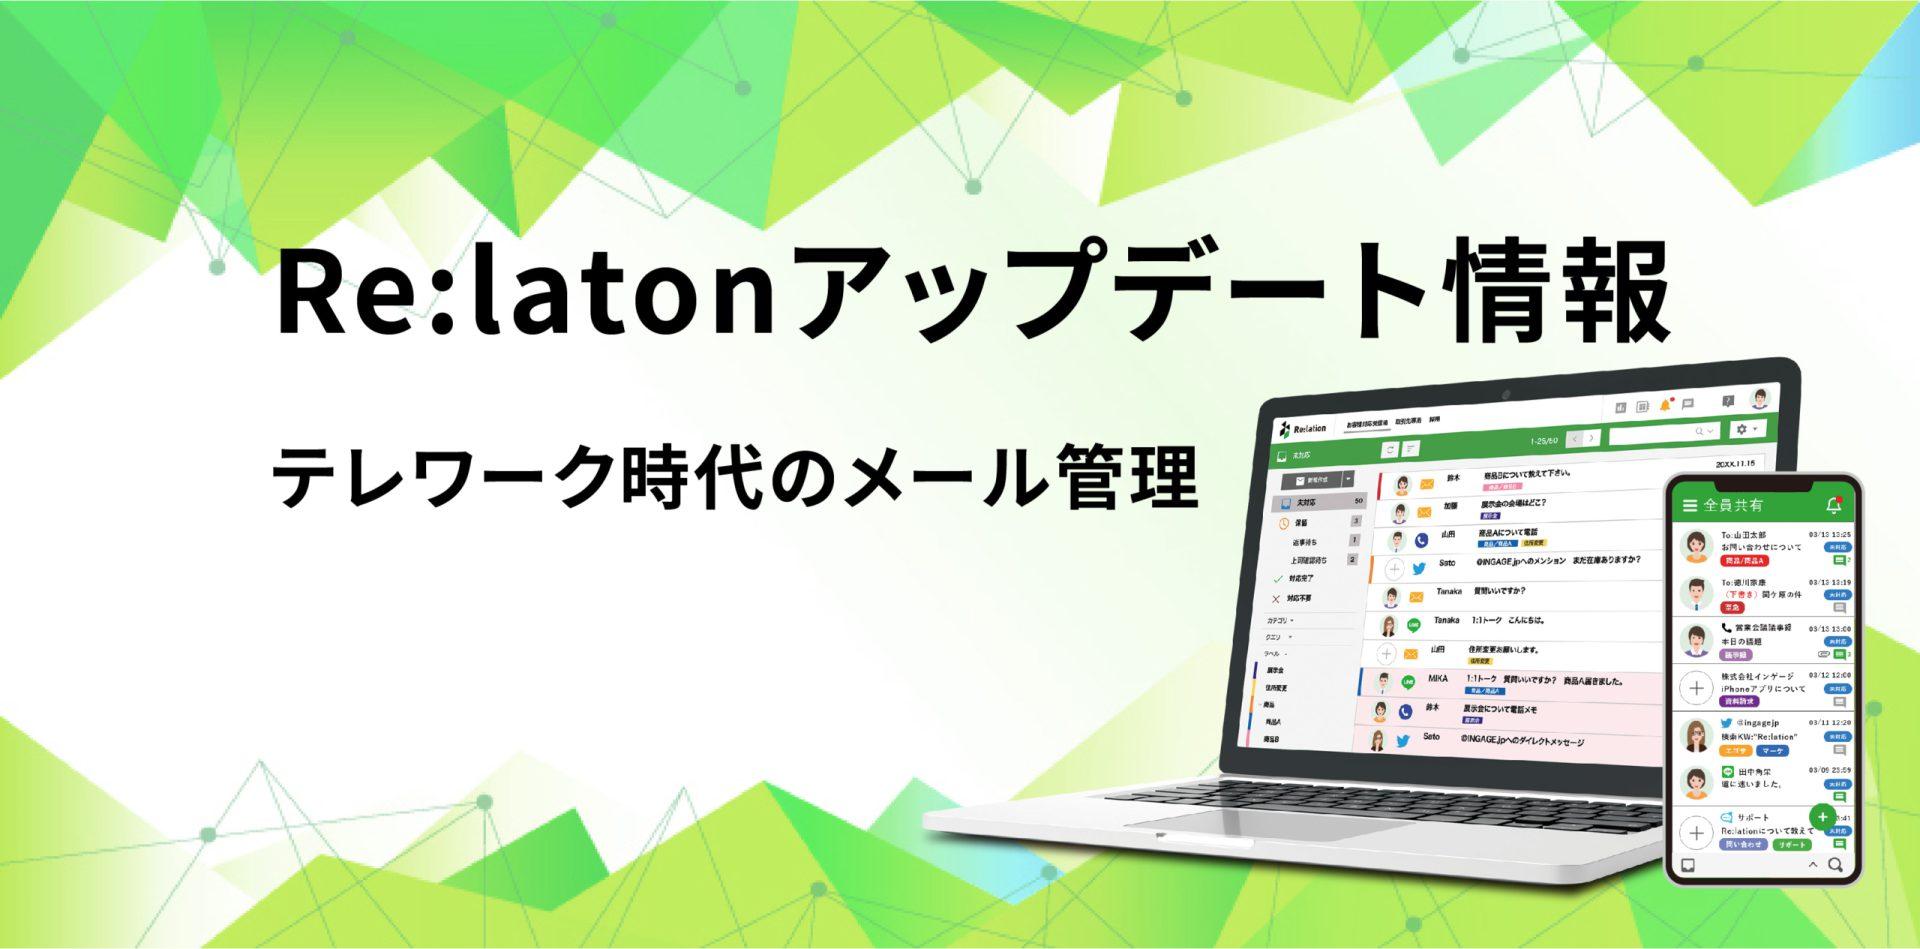 テレワーク時代のメール管理「Re:lation(リレーション)」9.3アップデート